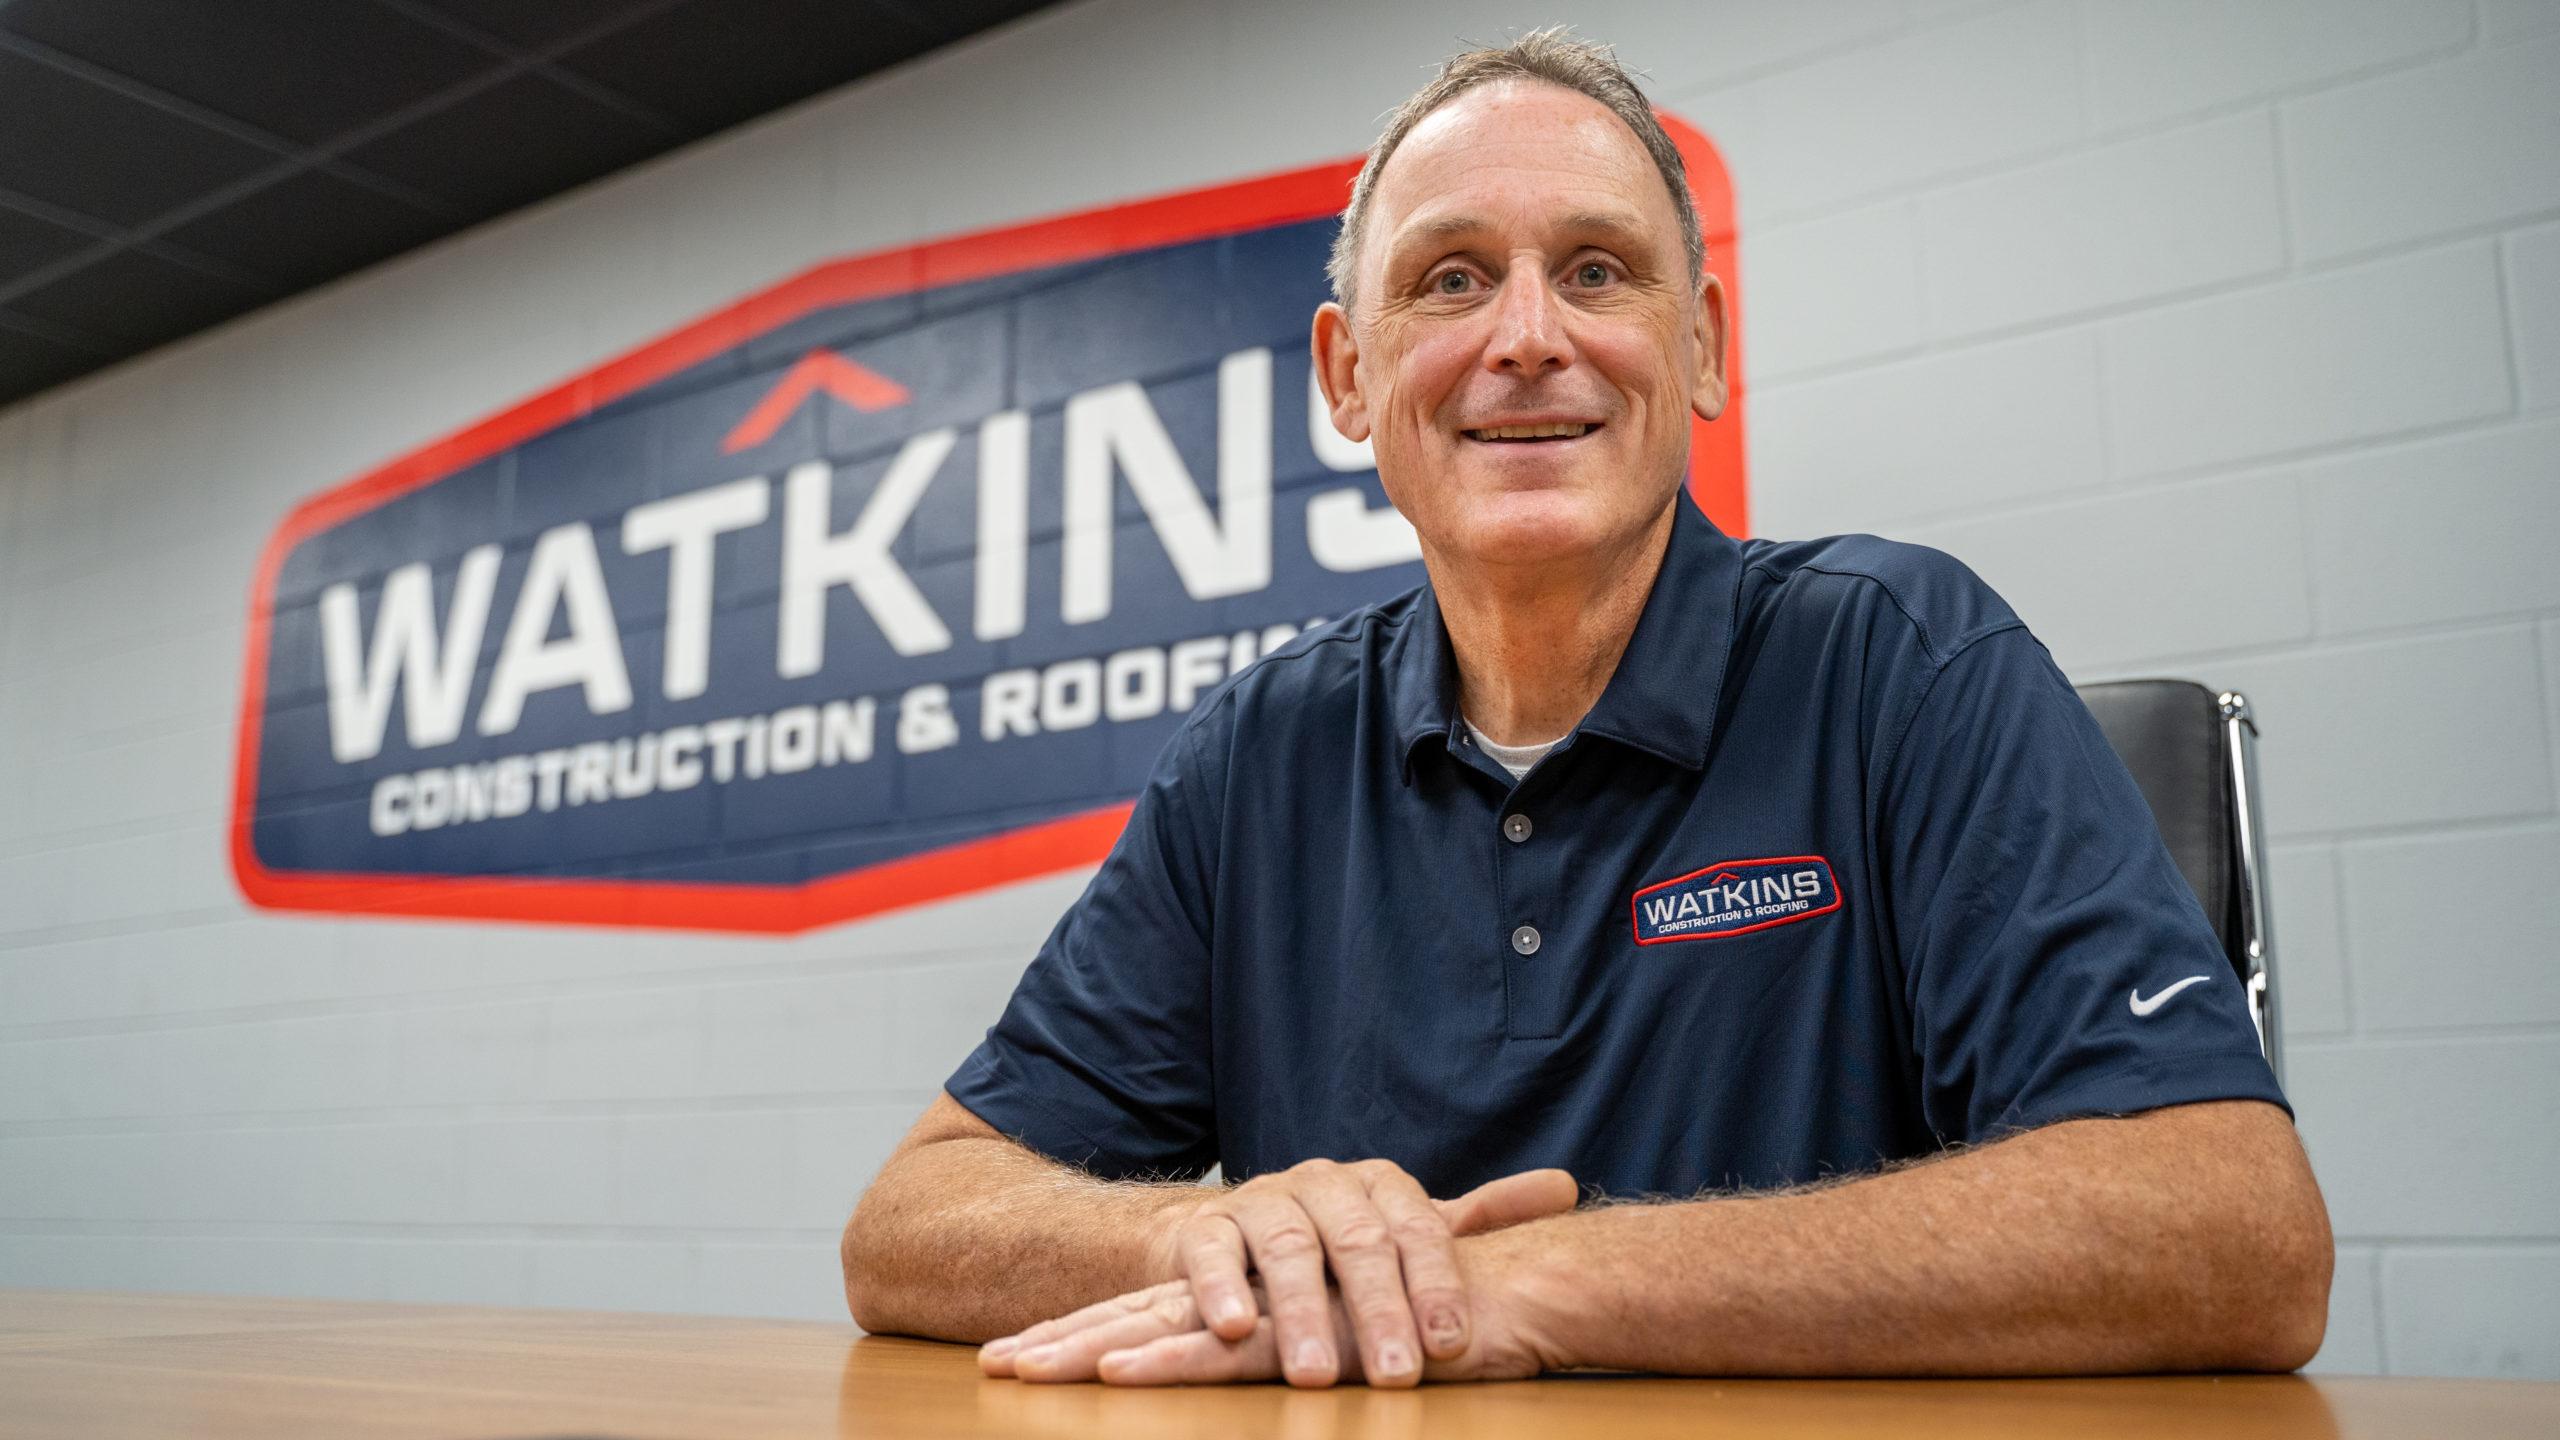 Watkins Team Members